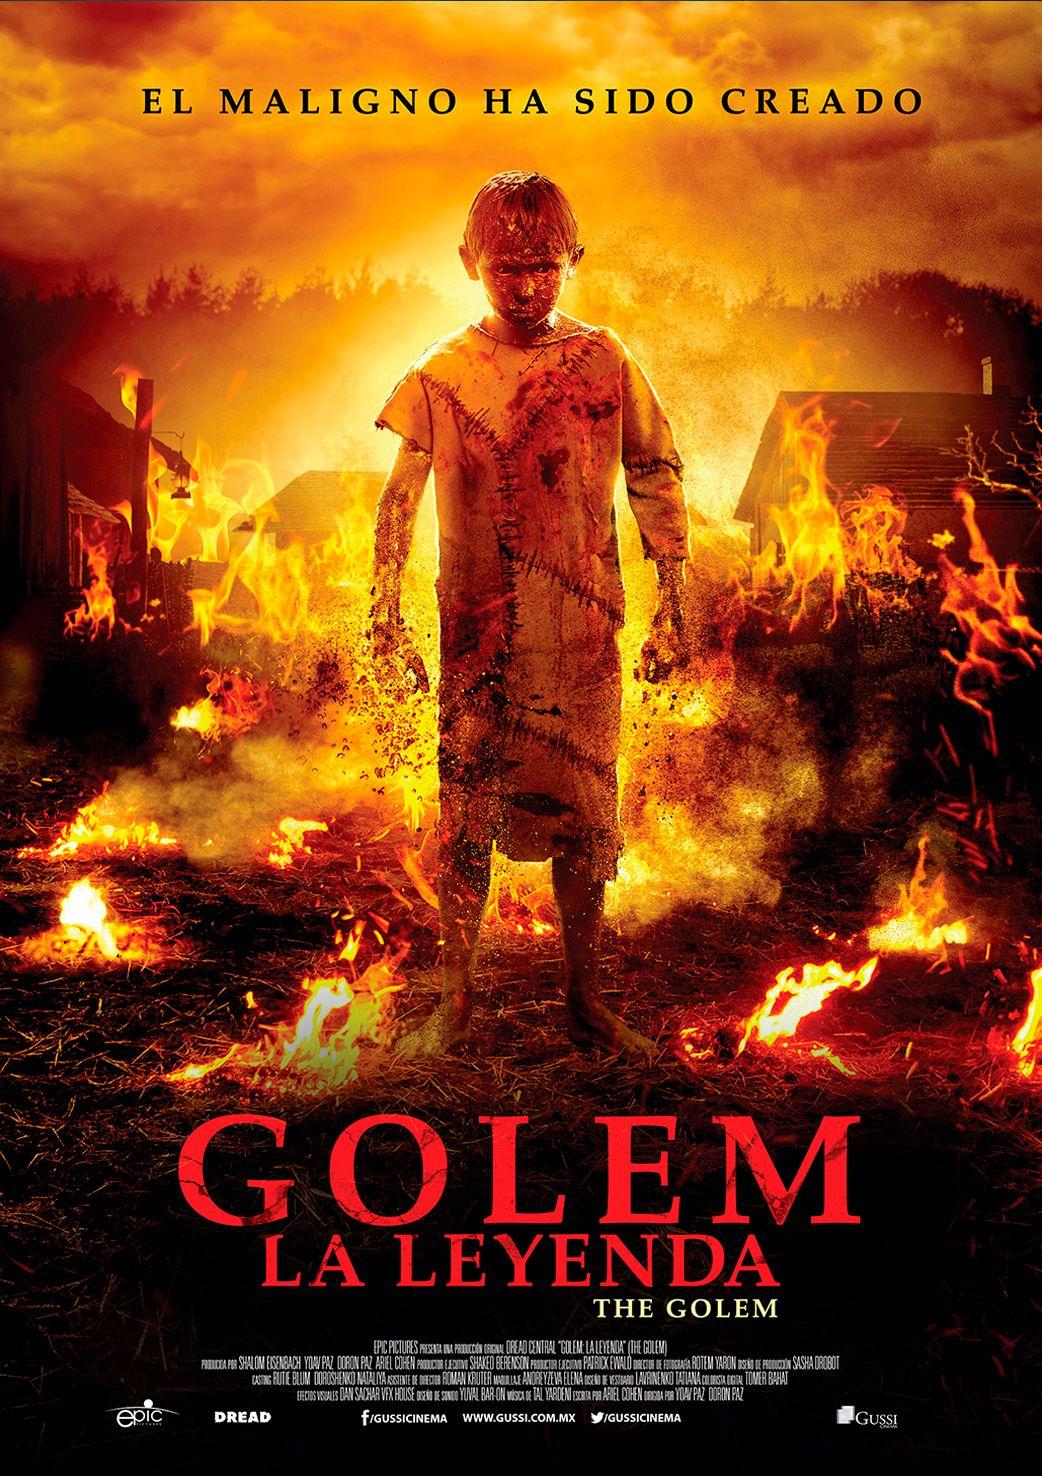 Golem La Leyenda The Golem Peliculas De Terror Leyendas Cine Gratis